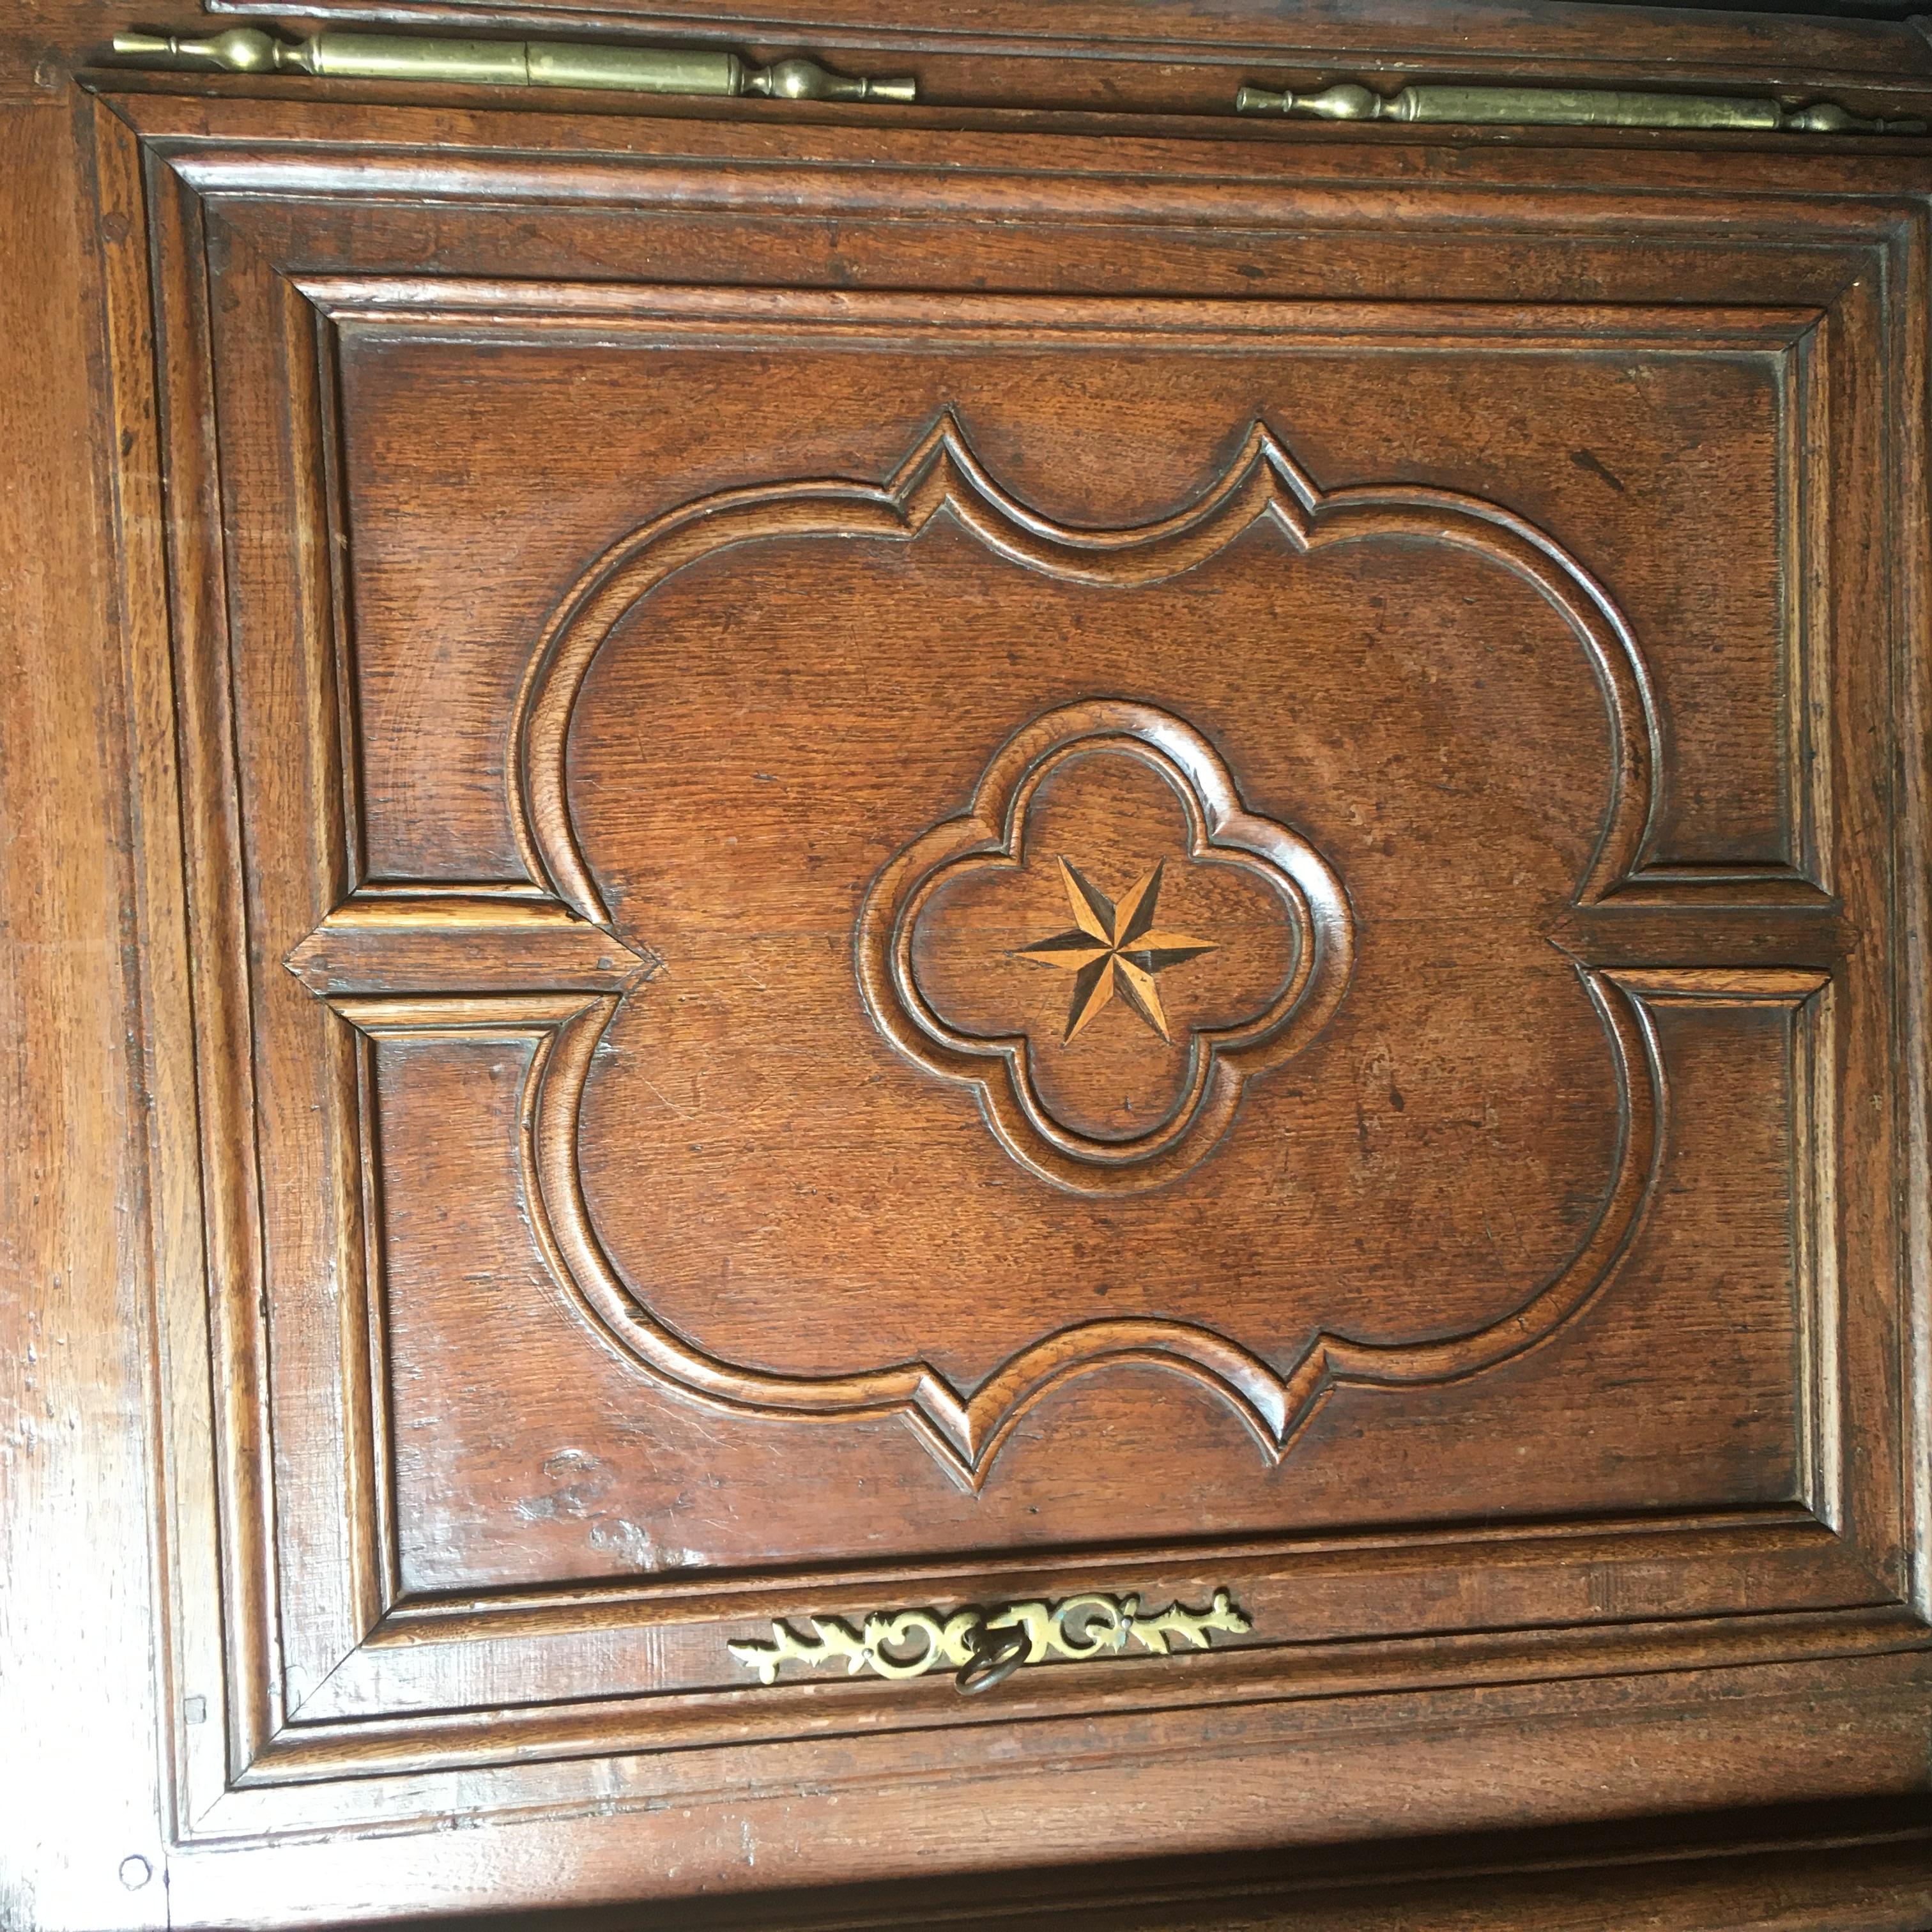 Napoli Antic souligne: Déclin et disparition de la production du meuble traditionnel en Lorraine